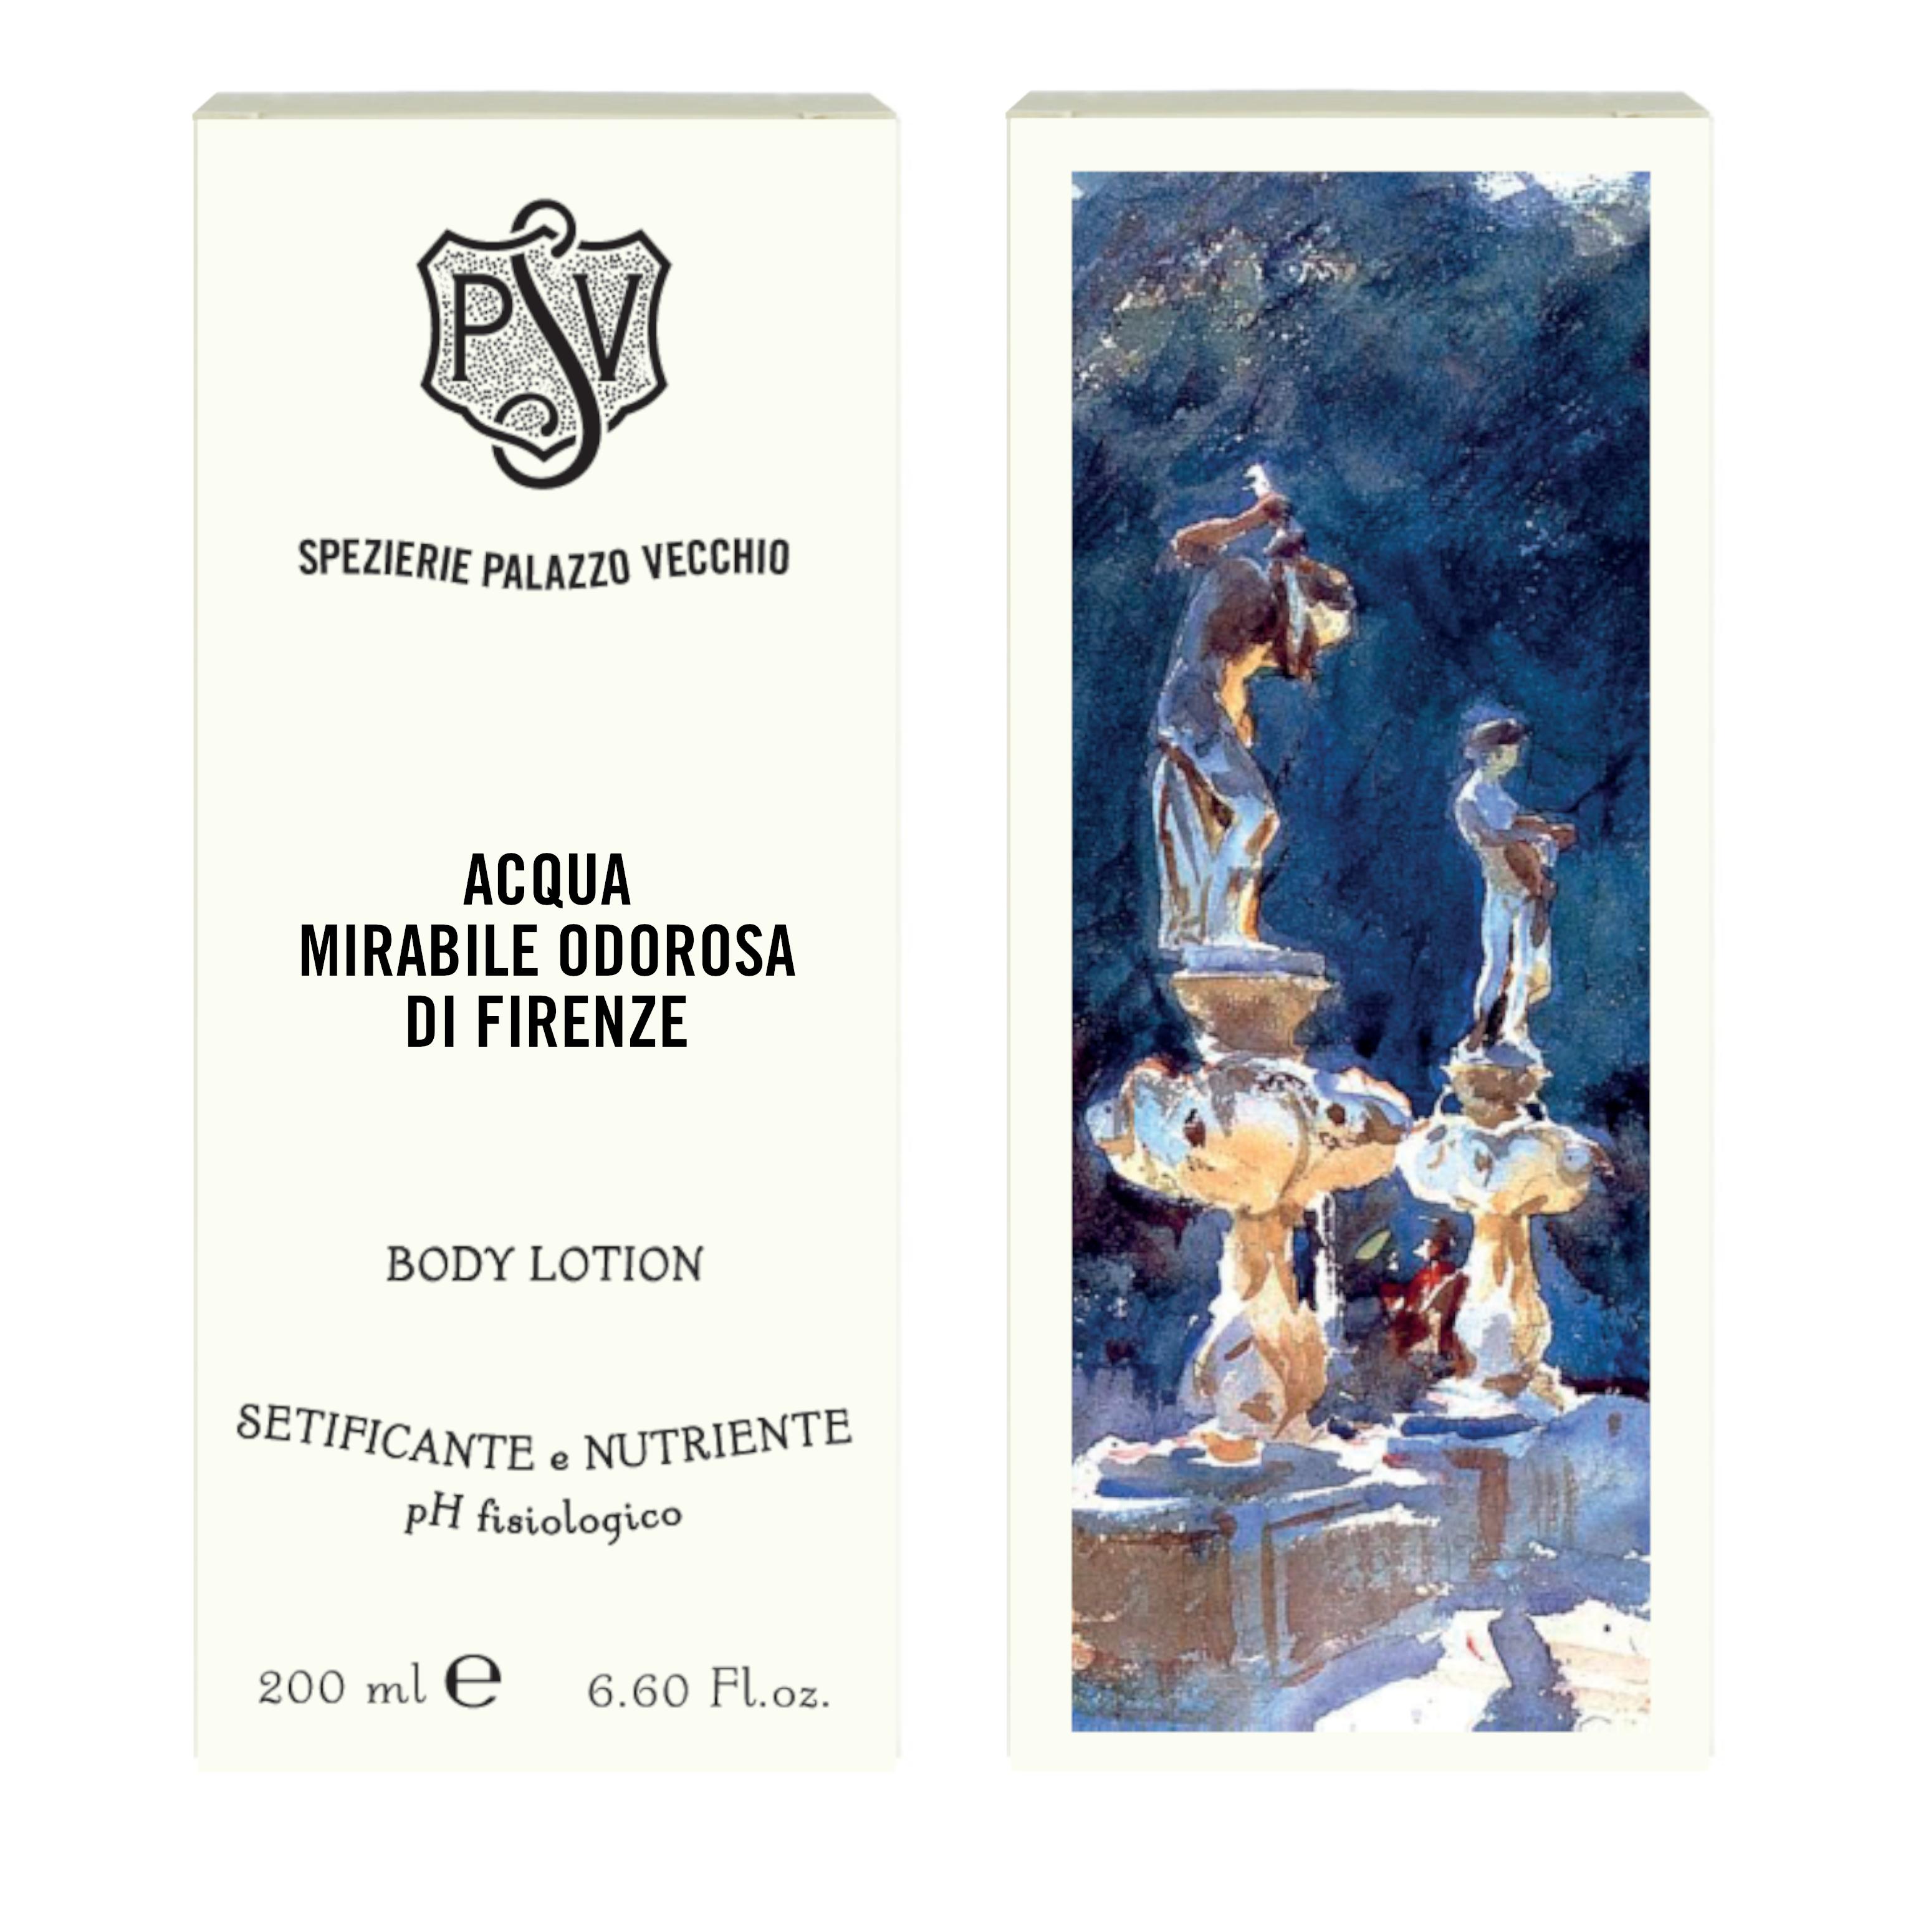 ACQUA MIRABILE ODOROSA DI FIRENZE 200ml Body Lotion-4454